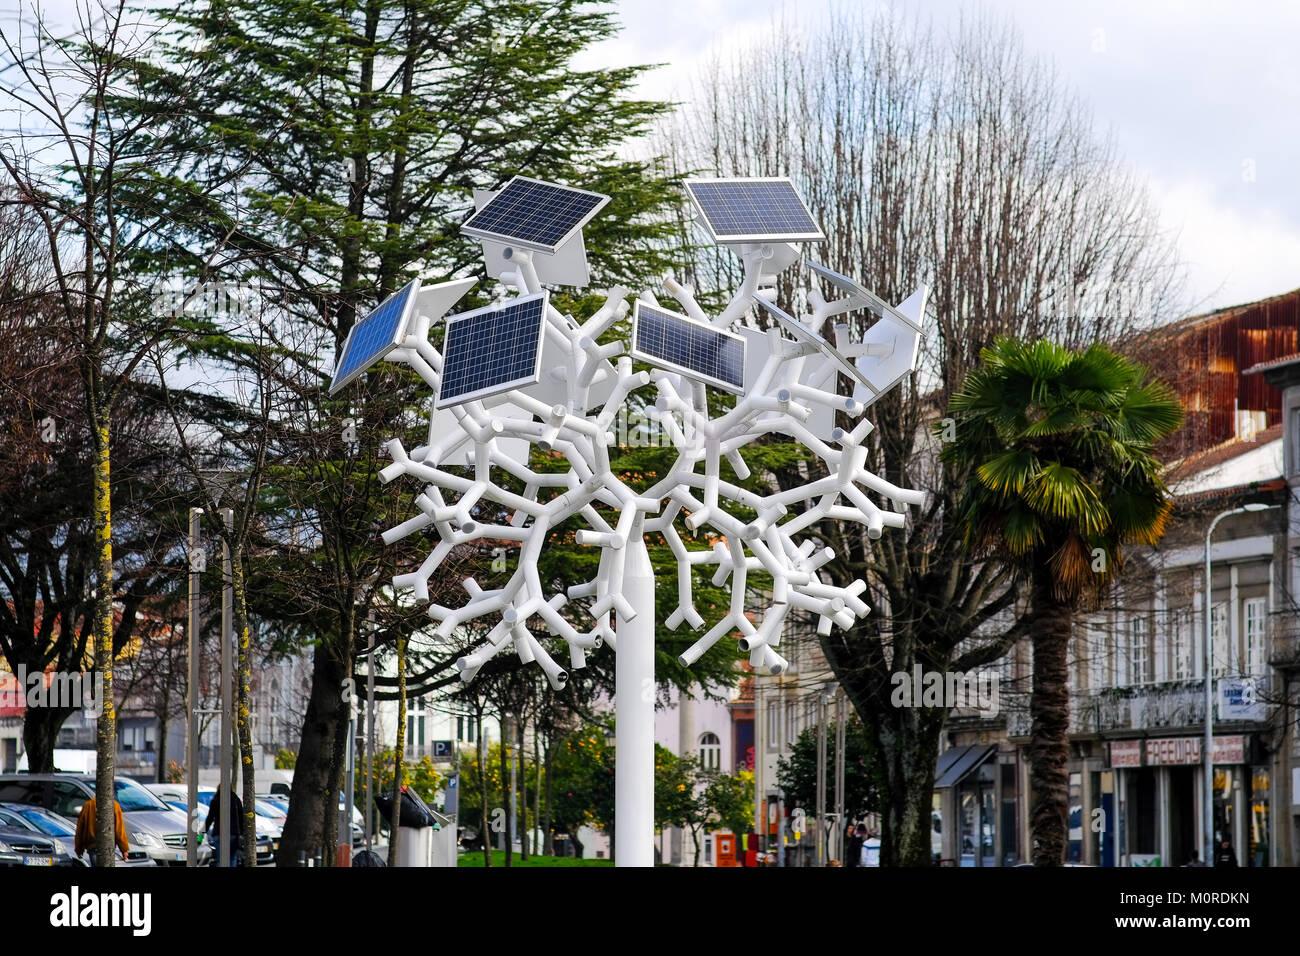 Los paneles solares de suministro de energía en forma de